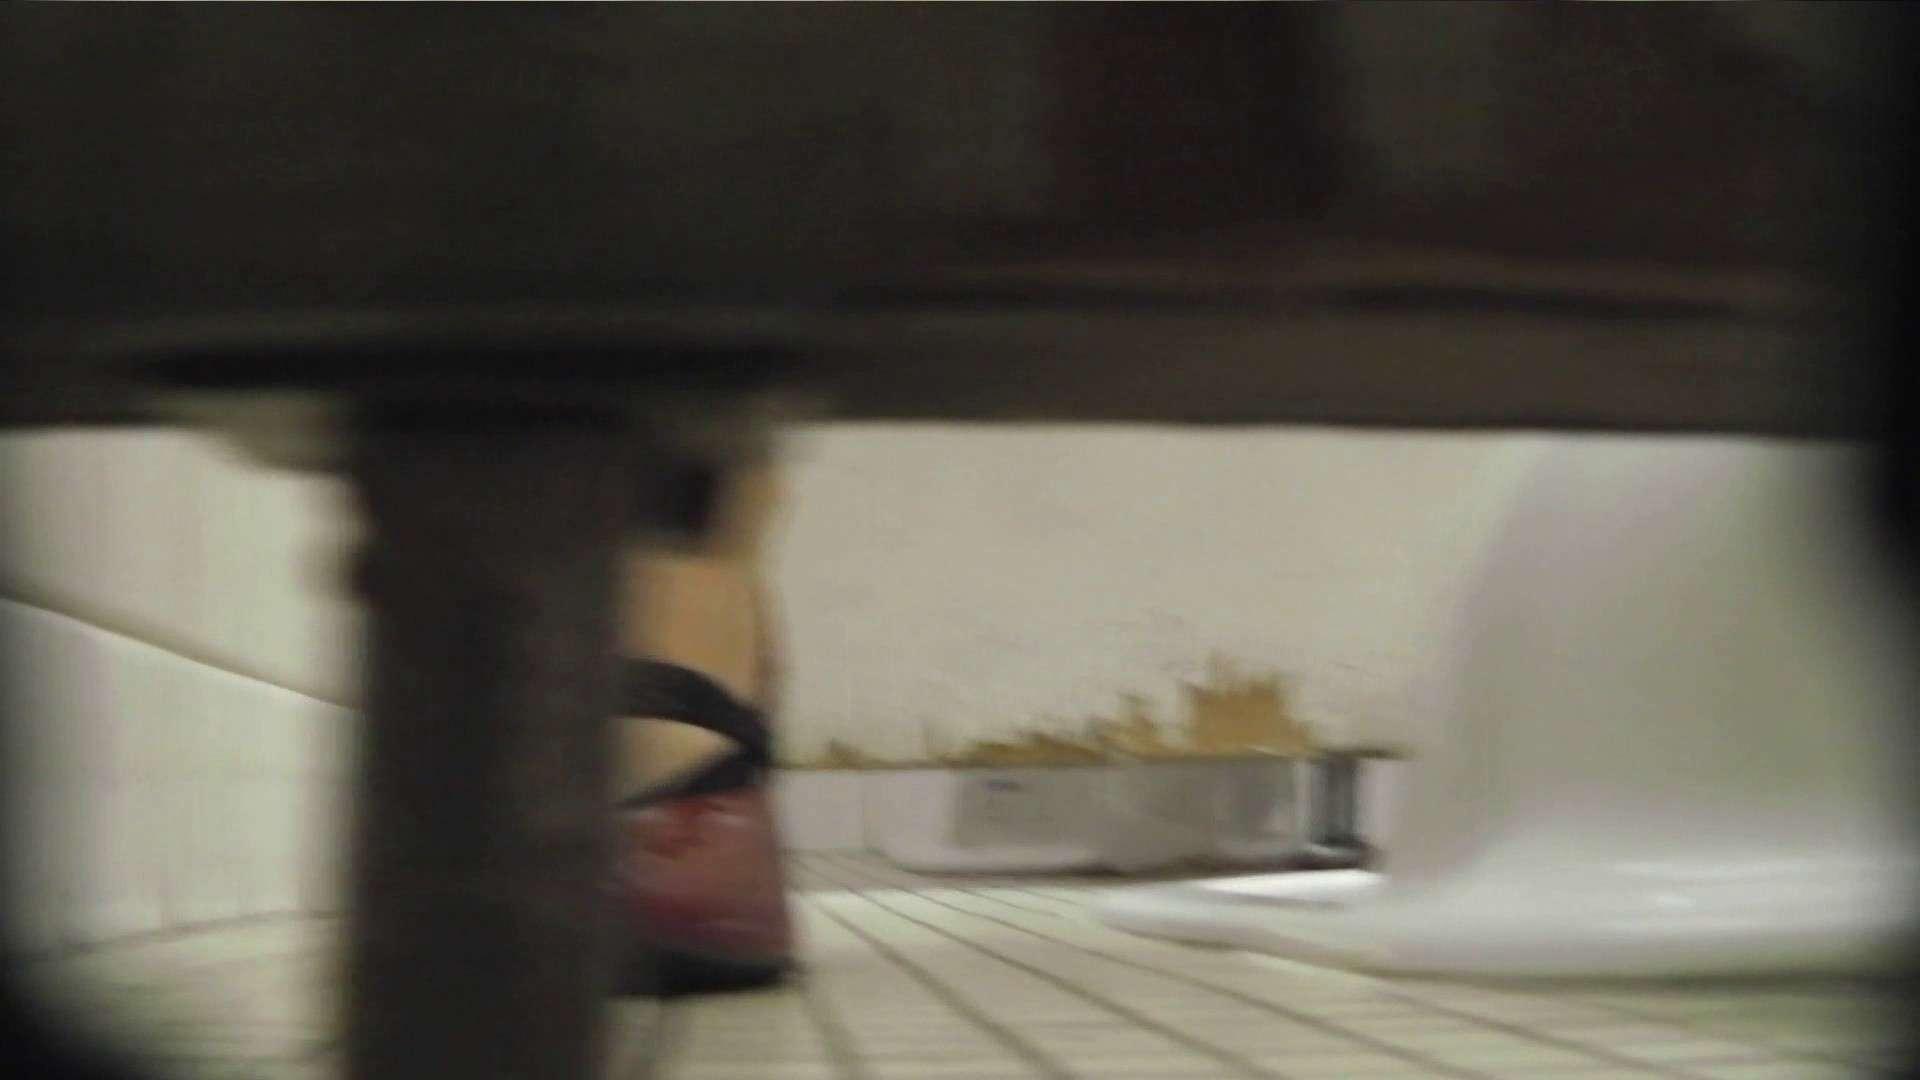 vol.62 命がけ潜伏洗面所! クパ~しながら放水してみた ギャルズ   高画質動画  46画像 31